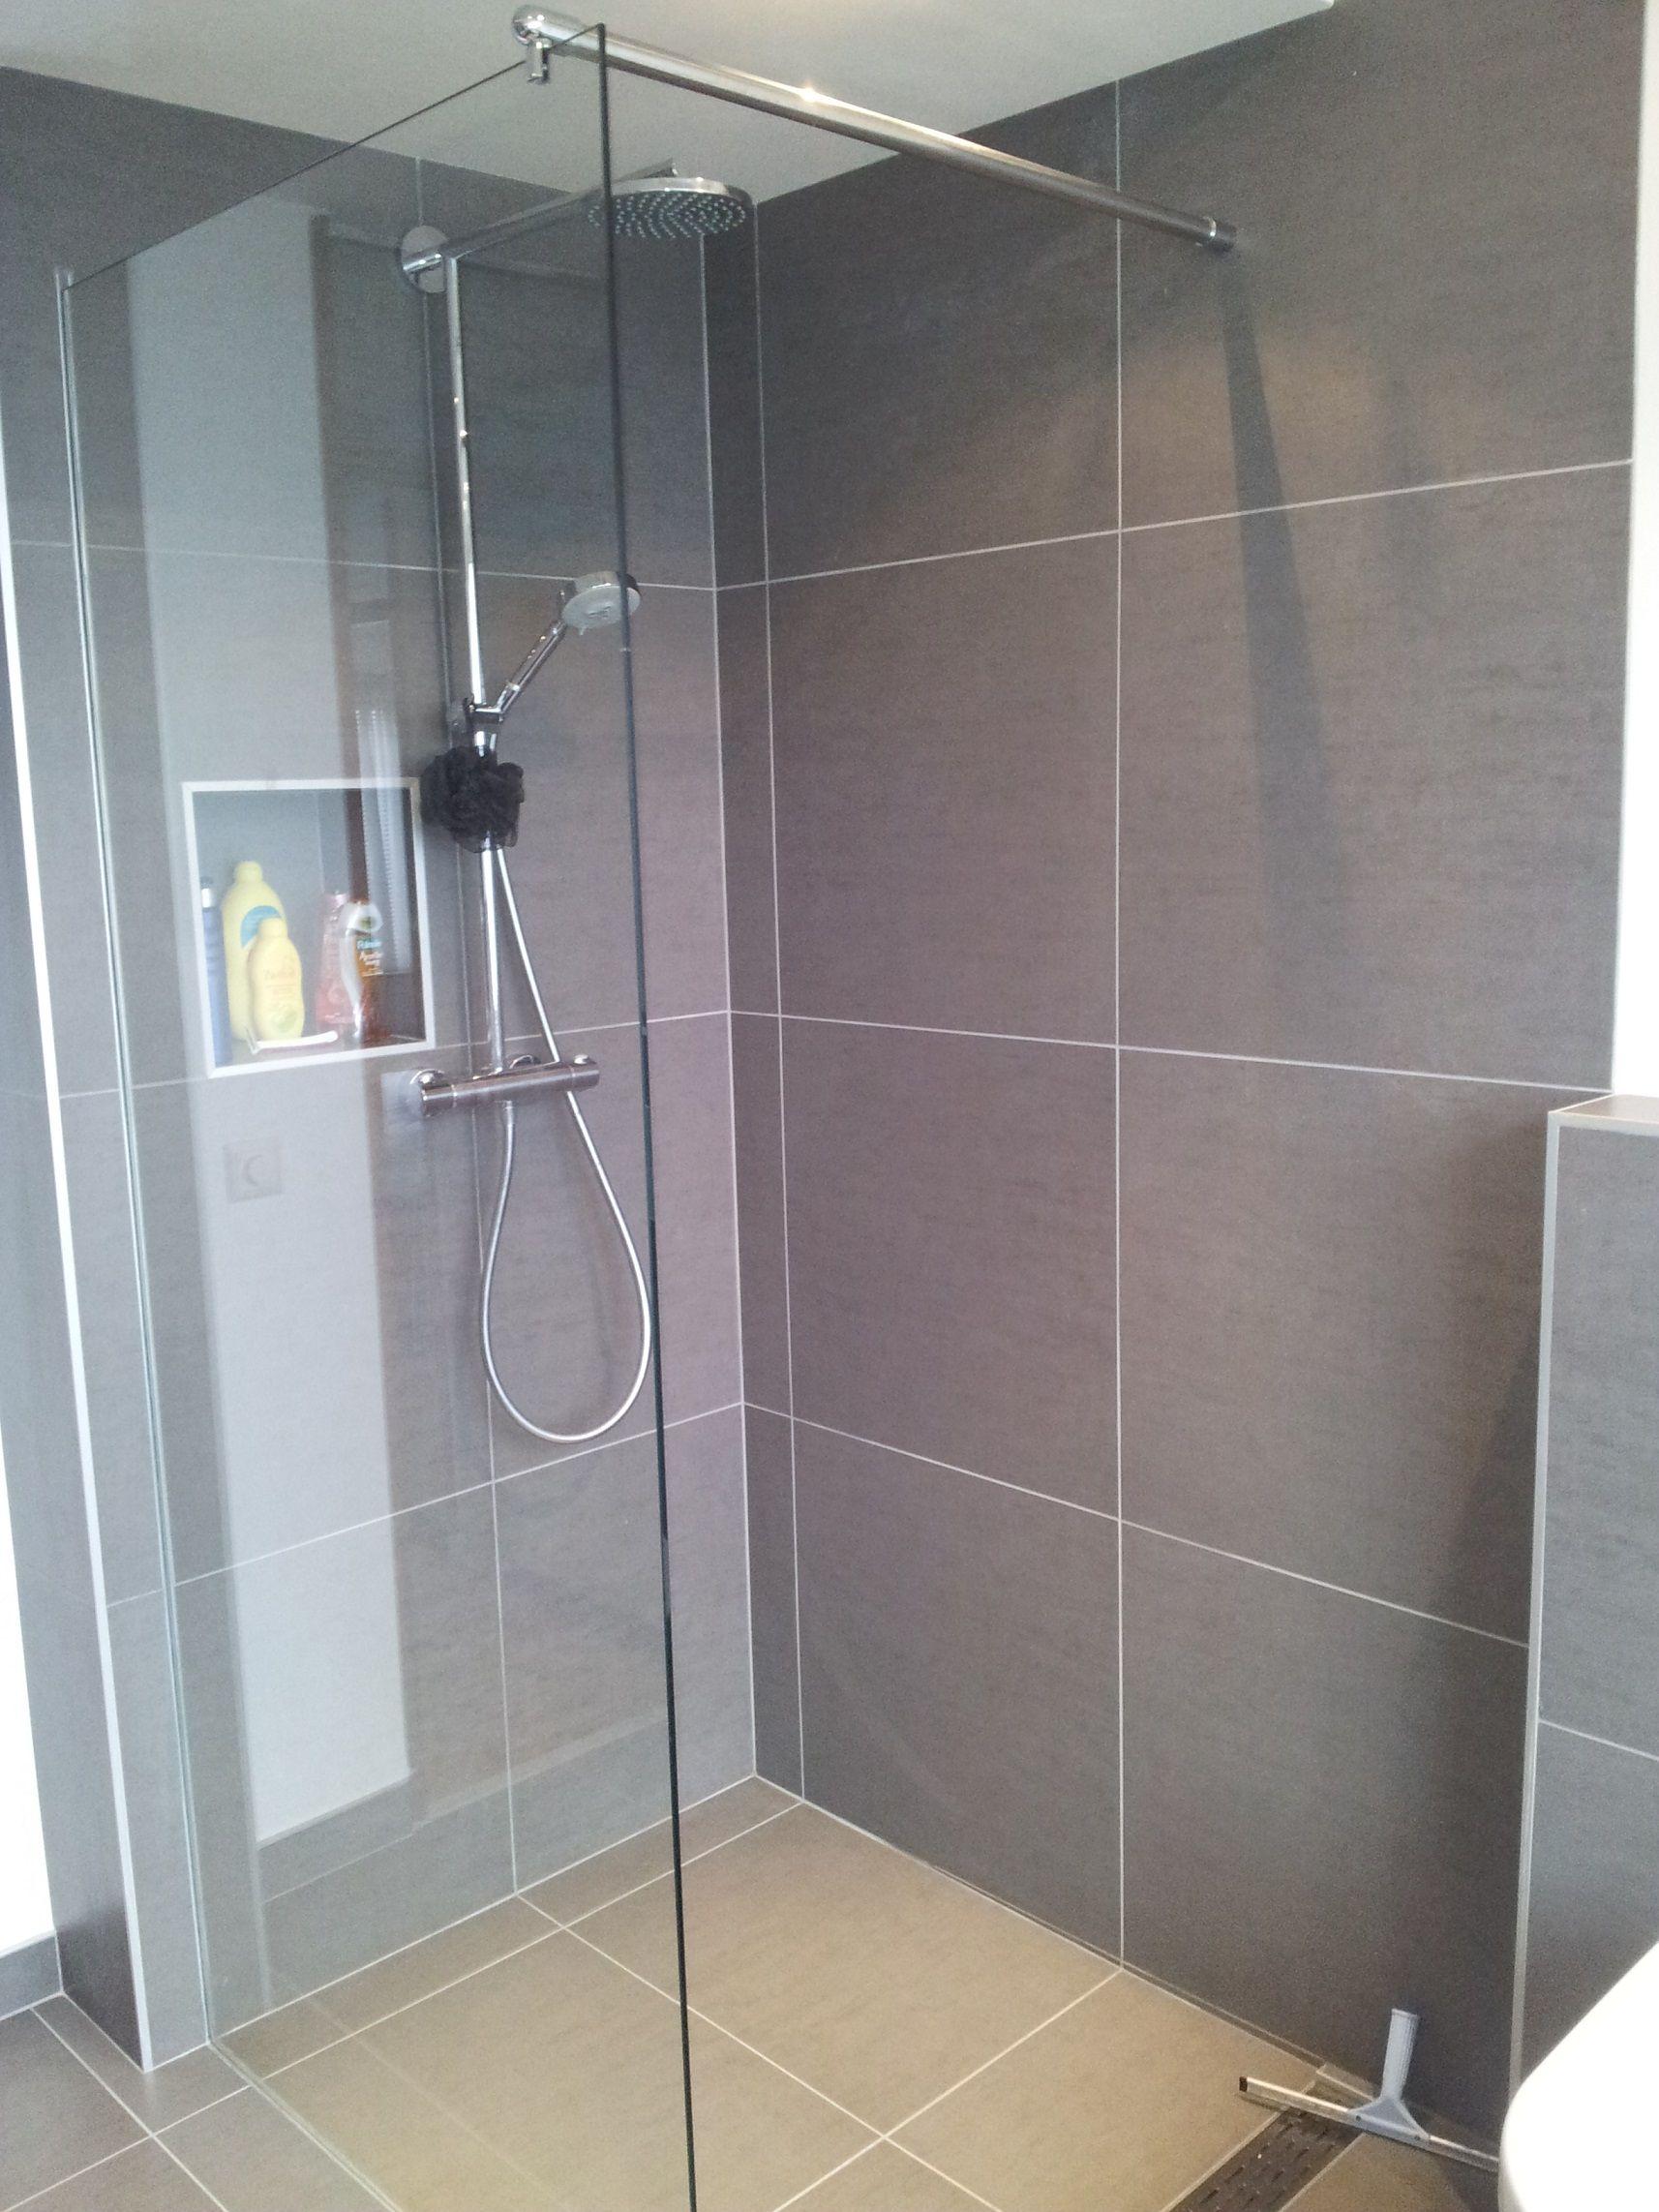 Badkamer Vloertegels 60x60.Vloertegels Kopen De Goedkoopste Tegels Voor Iedere Vloer Rb